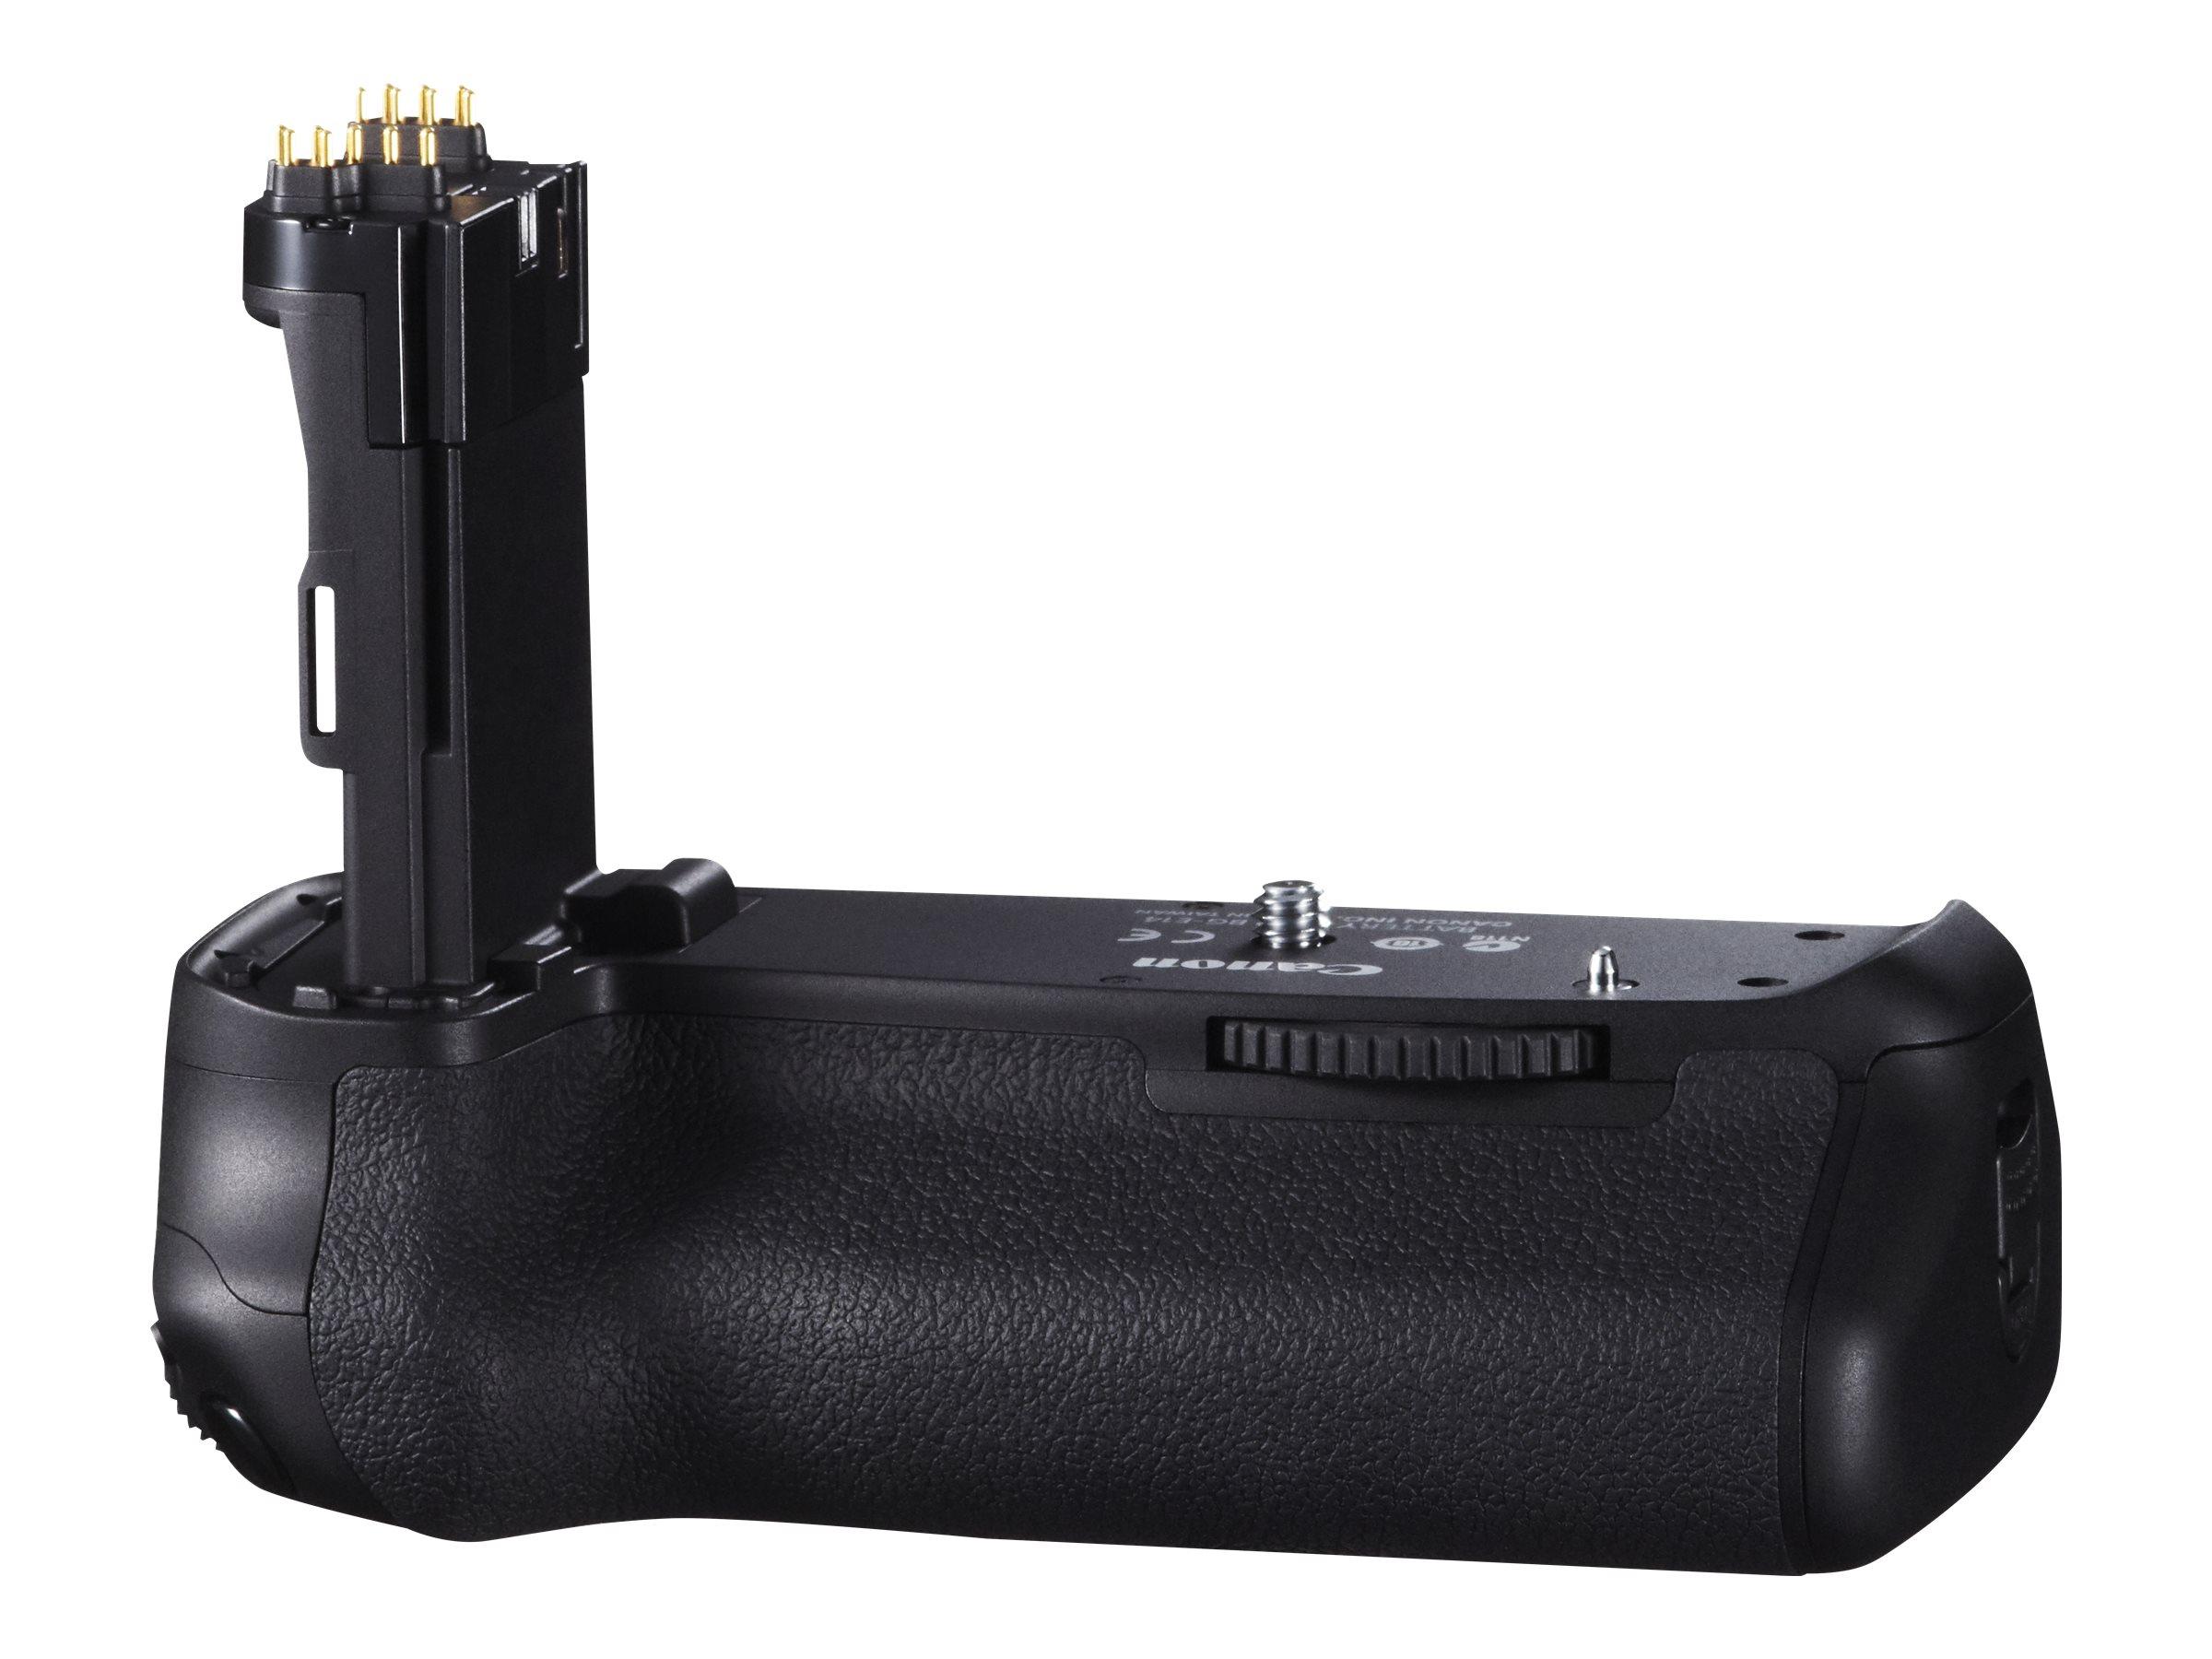 Canon BG-E14 - Externer Batteriensatz - für EOS 70D, 80D, 90D